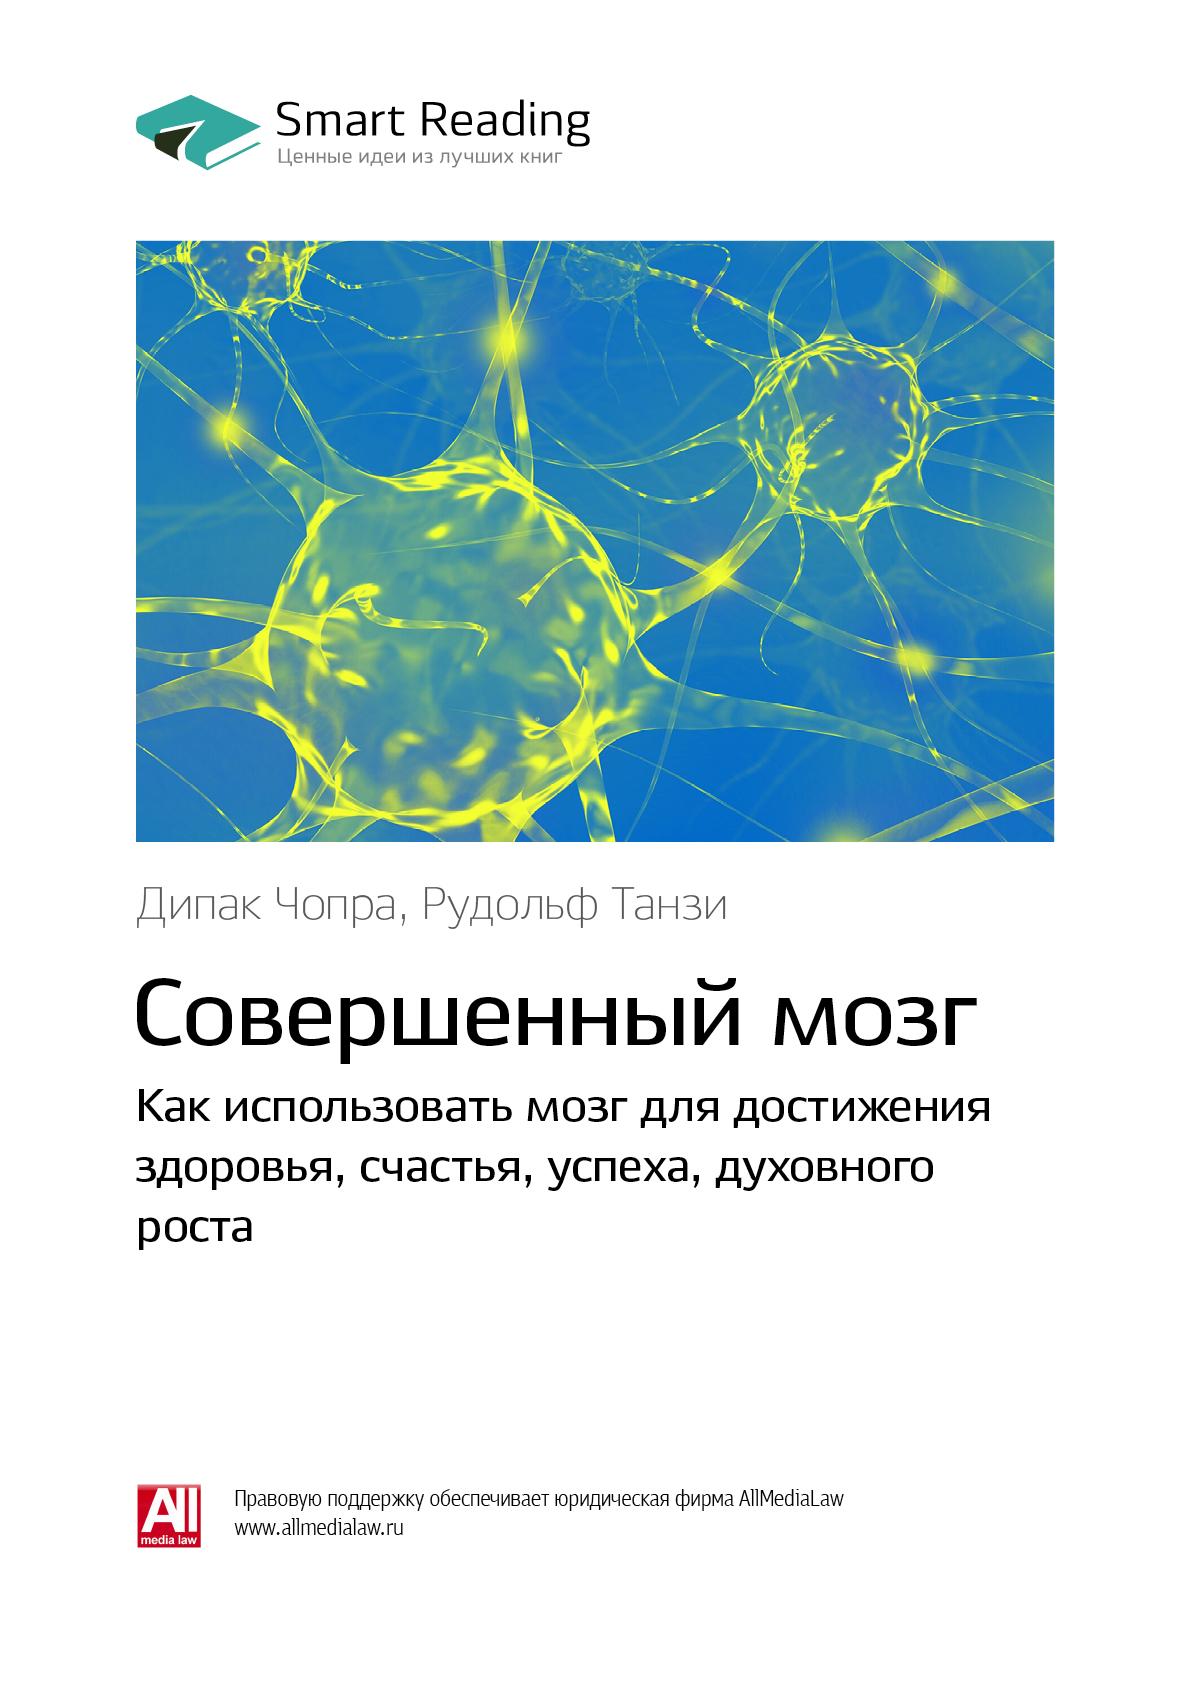 Smart Reading Краткое содержание книги: Совершенный мозг. Как использовать мозг для достижения здоровья, счастья, успеха, духовного роста. Дипак Чопра, Рудольф Танзи цена 2017